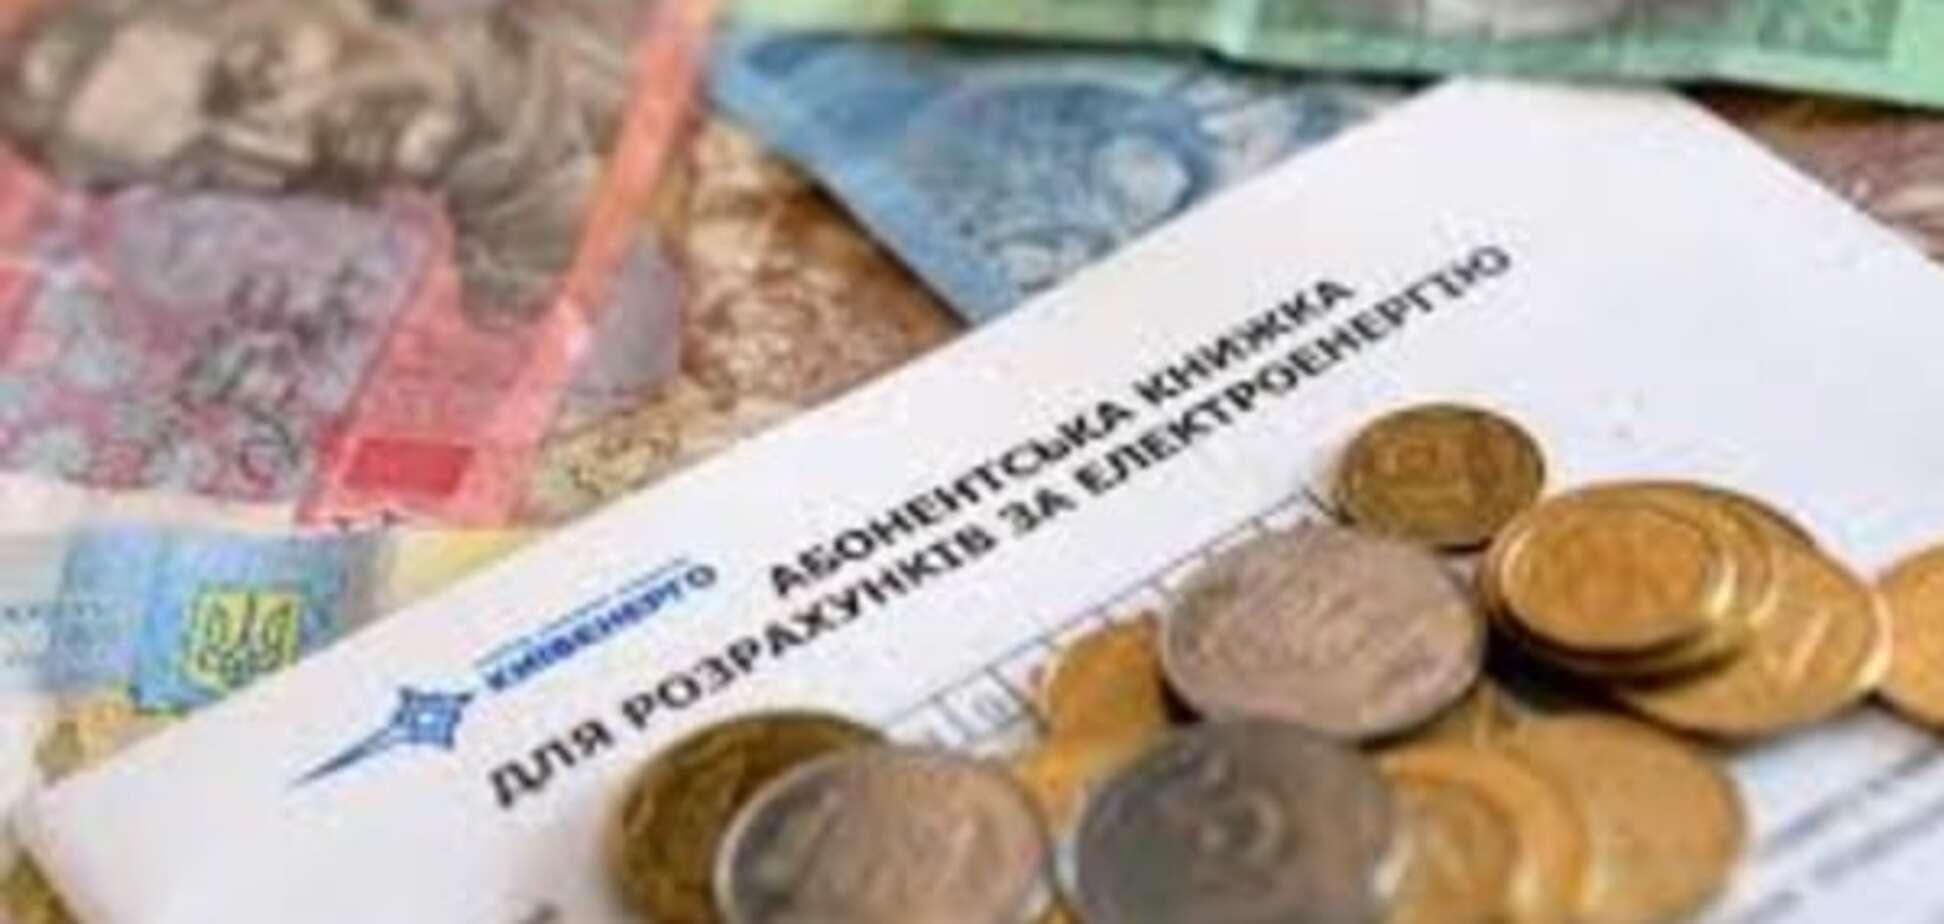 Другого выхода нет: украинцам еще несколько лет будут повышать тарифы на свет